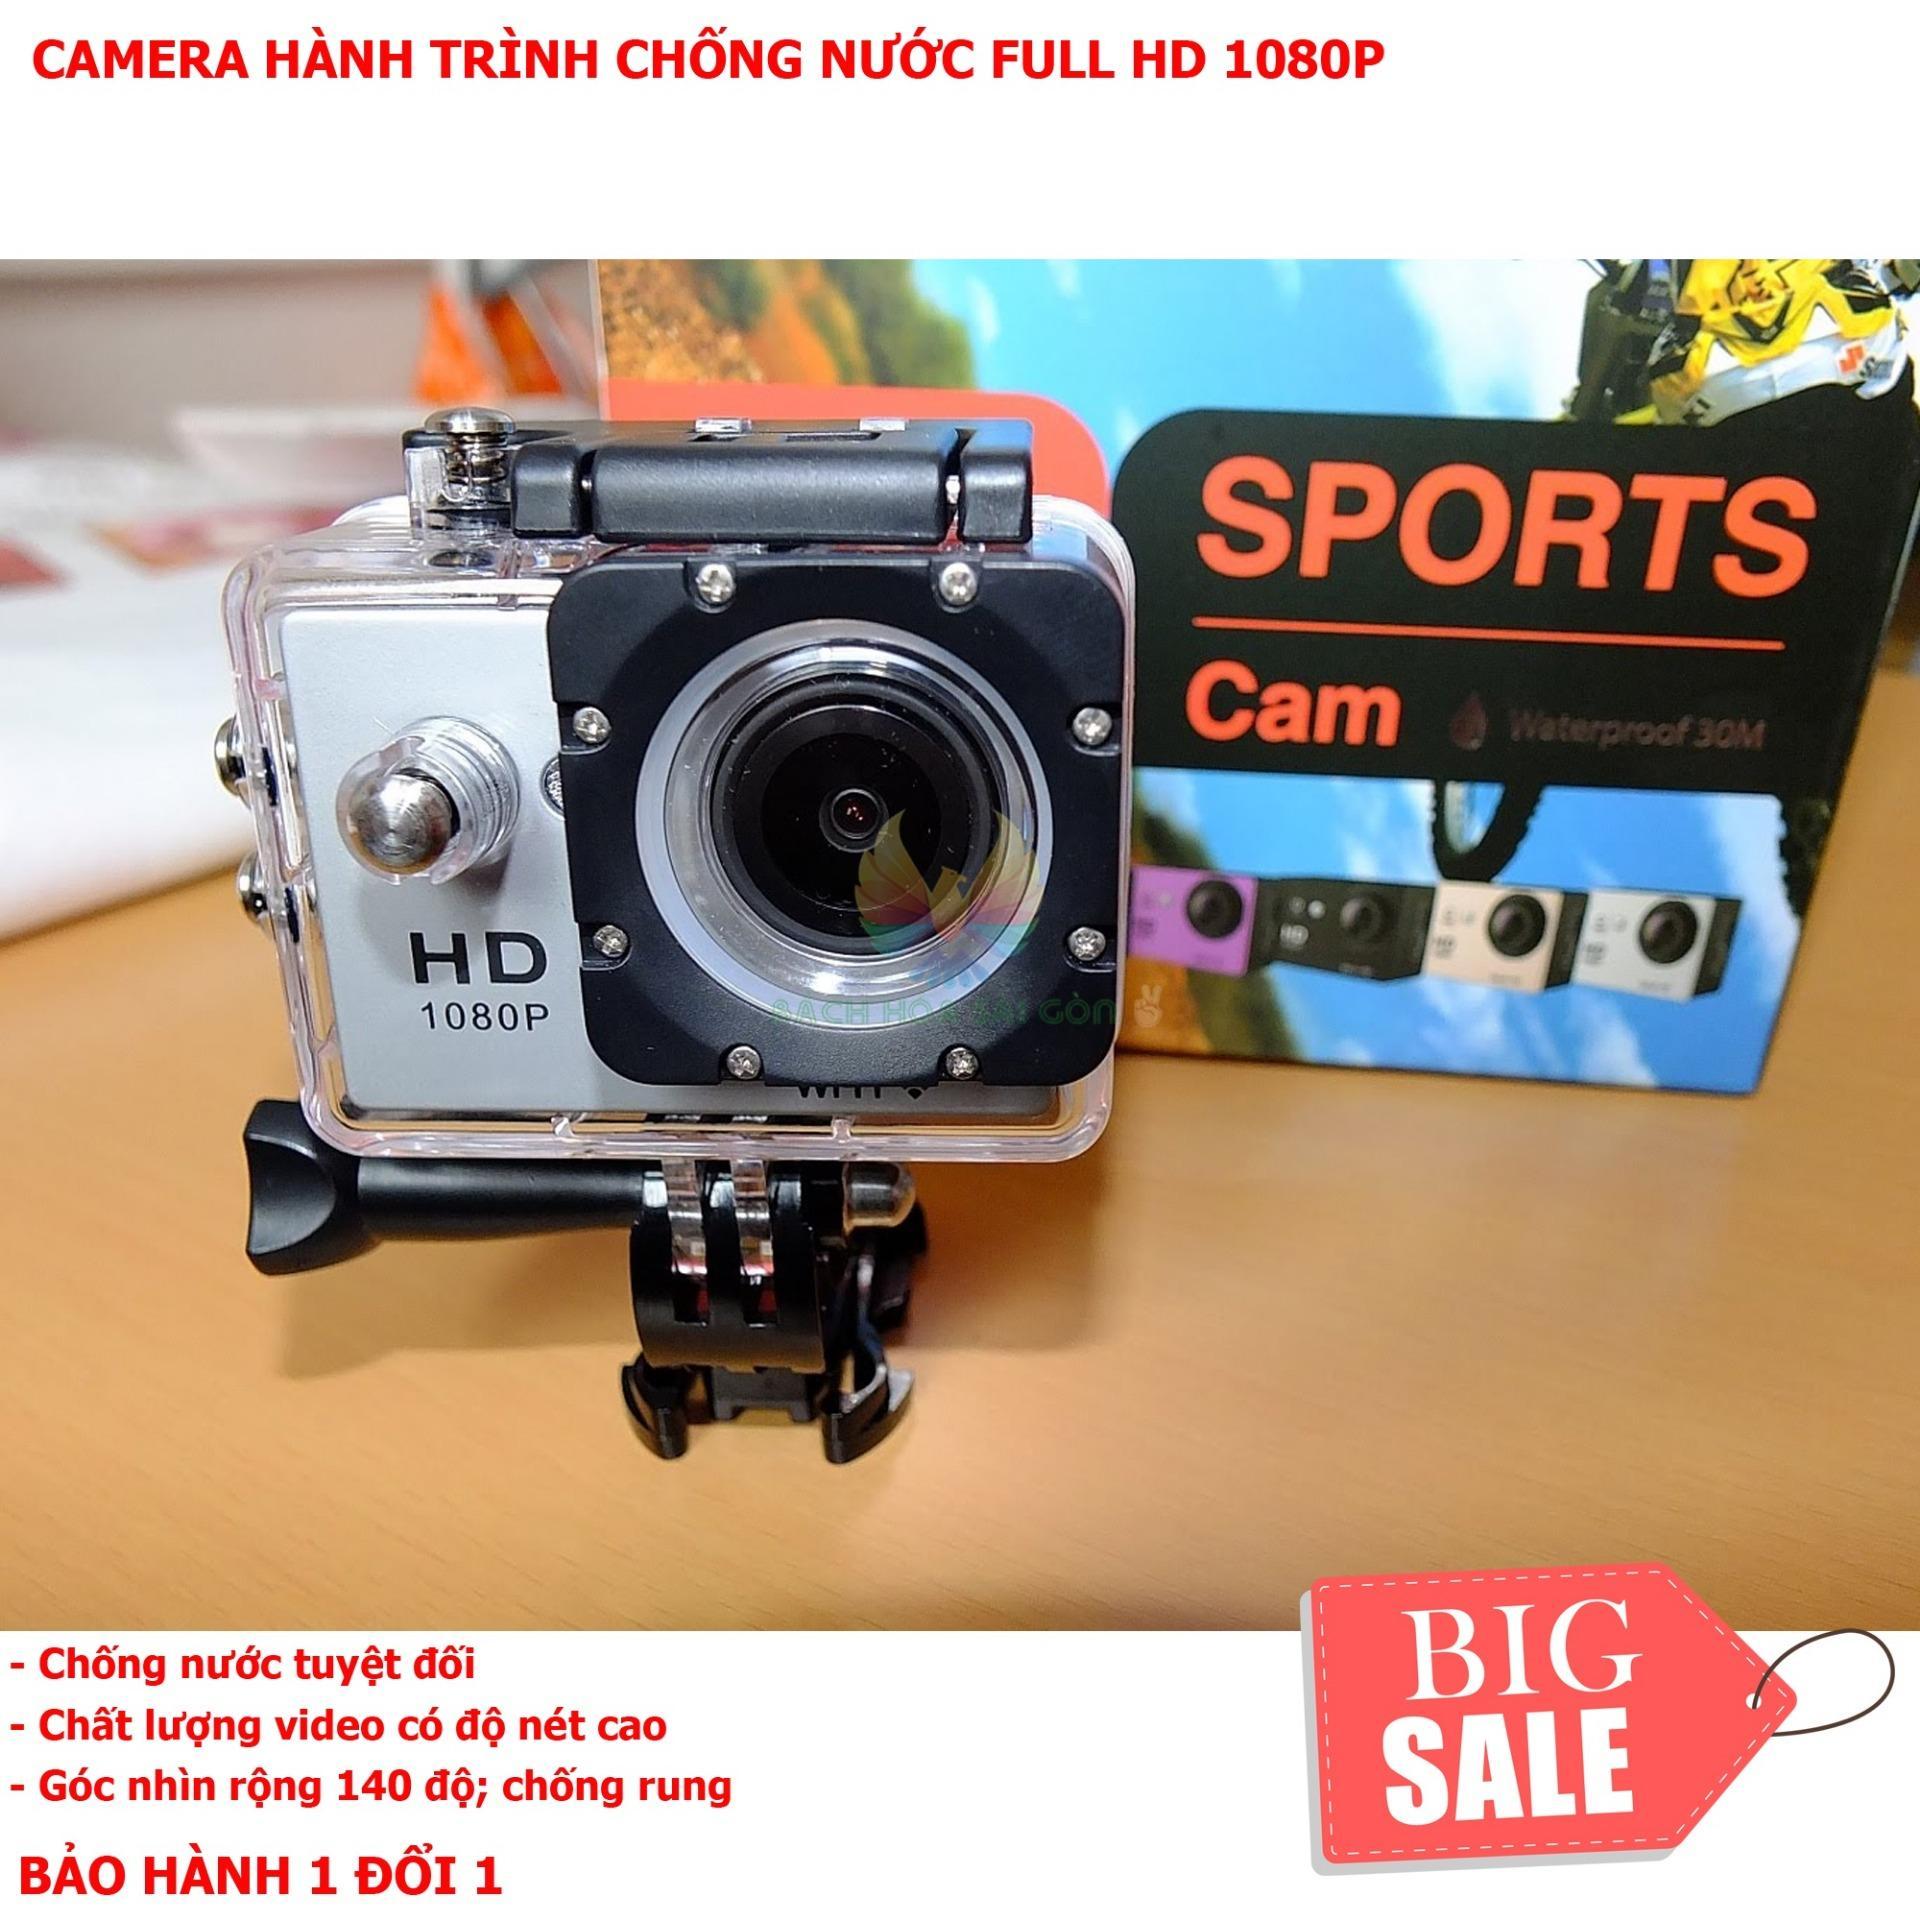 Hình ảnh Camera Hành Trình Gopro Hero 4 - Camera Hành Trình Sport 1080 Với Vỏ Hộp Chống Nước Giúp Ghi Lại Những Hình Ảnh Thực Tế Sống Động - Mang Tới Góc Nhìn Sống Động Cho Người Xem